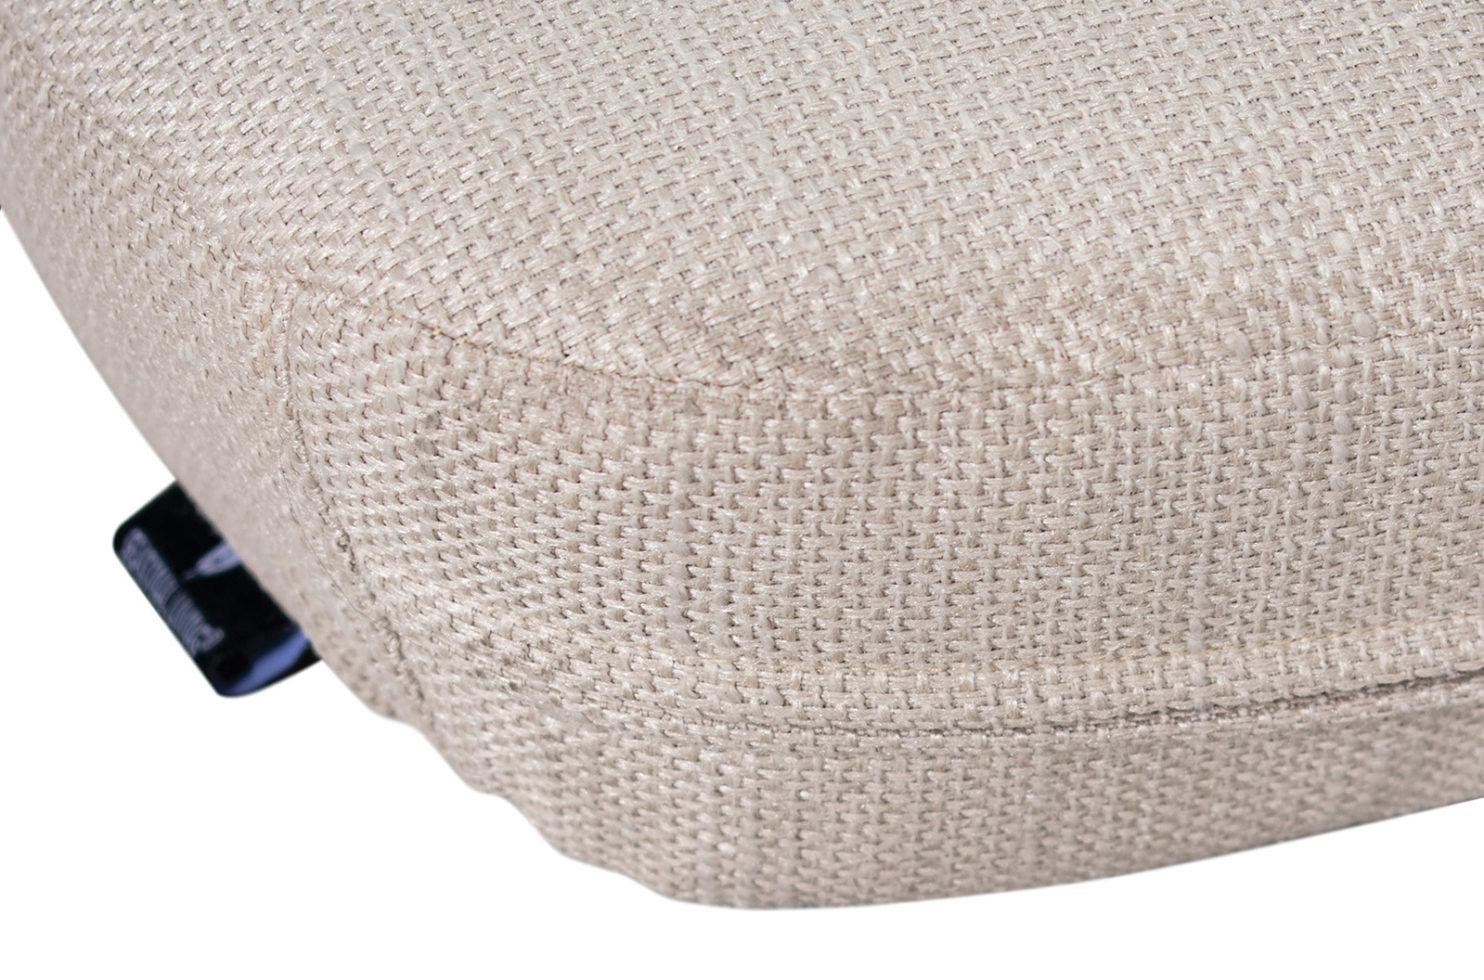 Archipelago andaman sofa 620FT066P2LGT dtl3